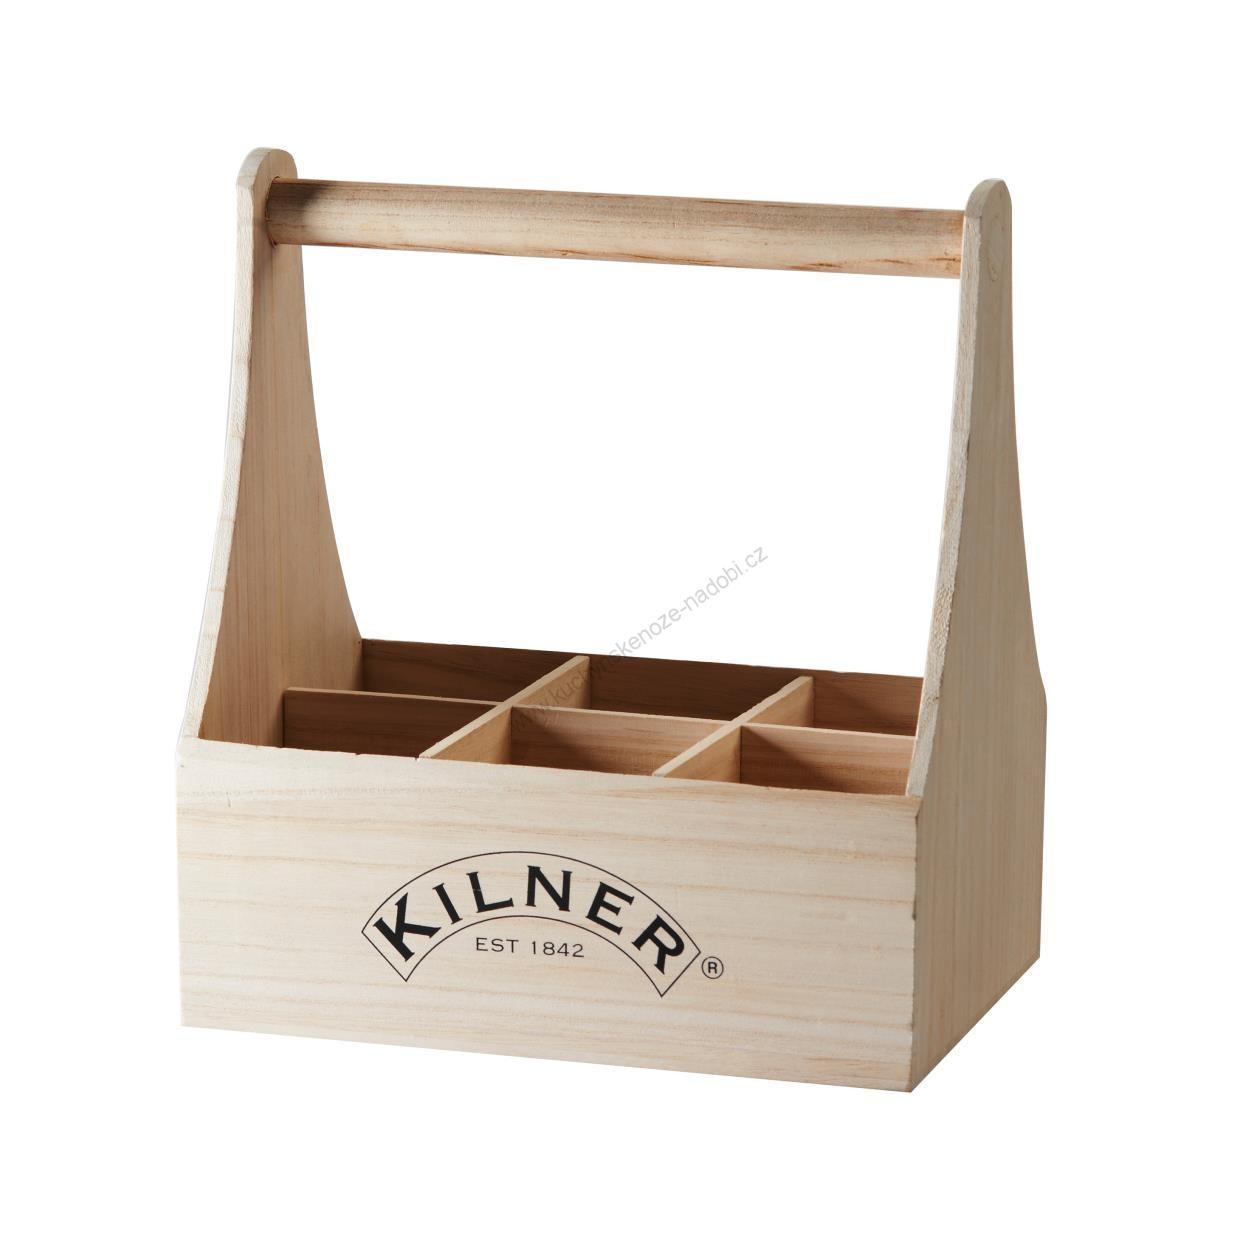 Dřevěná přenoska na láhve - Kilner